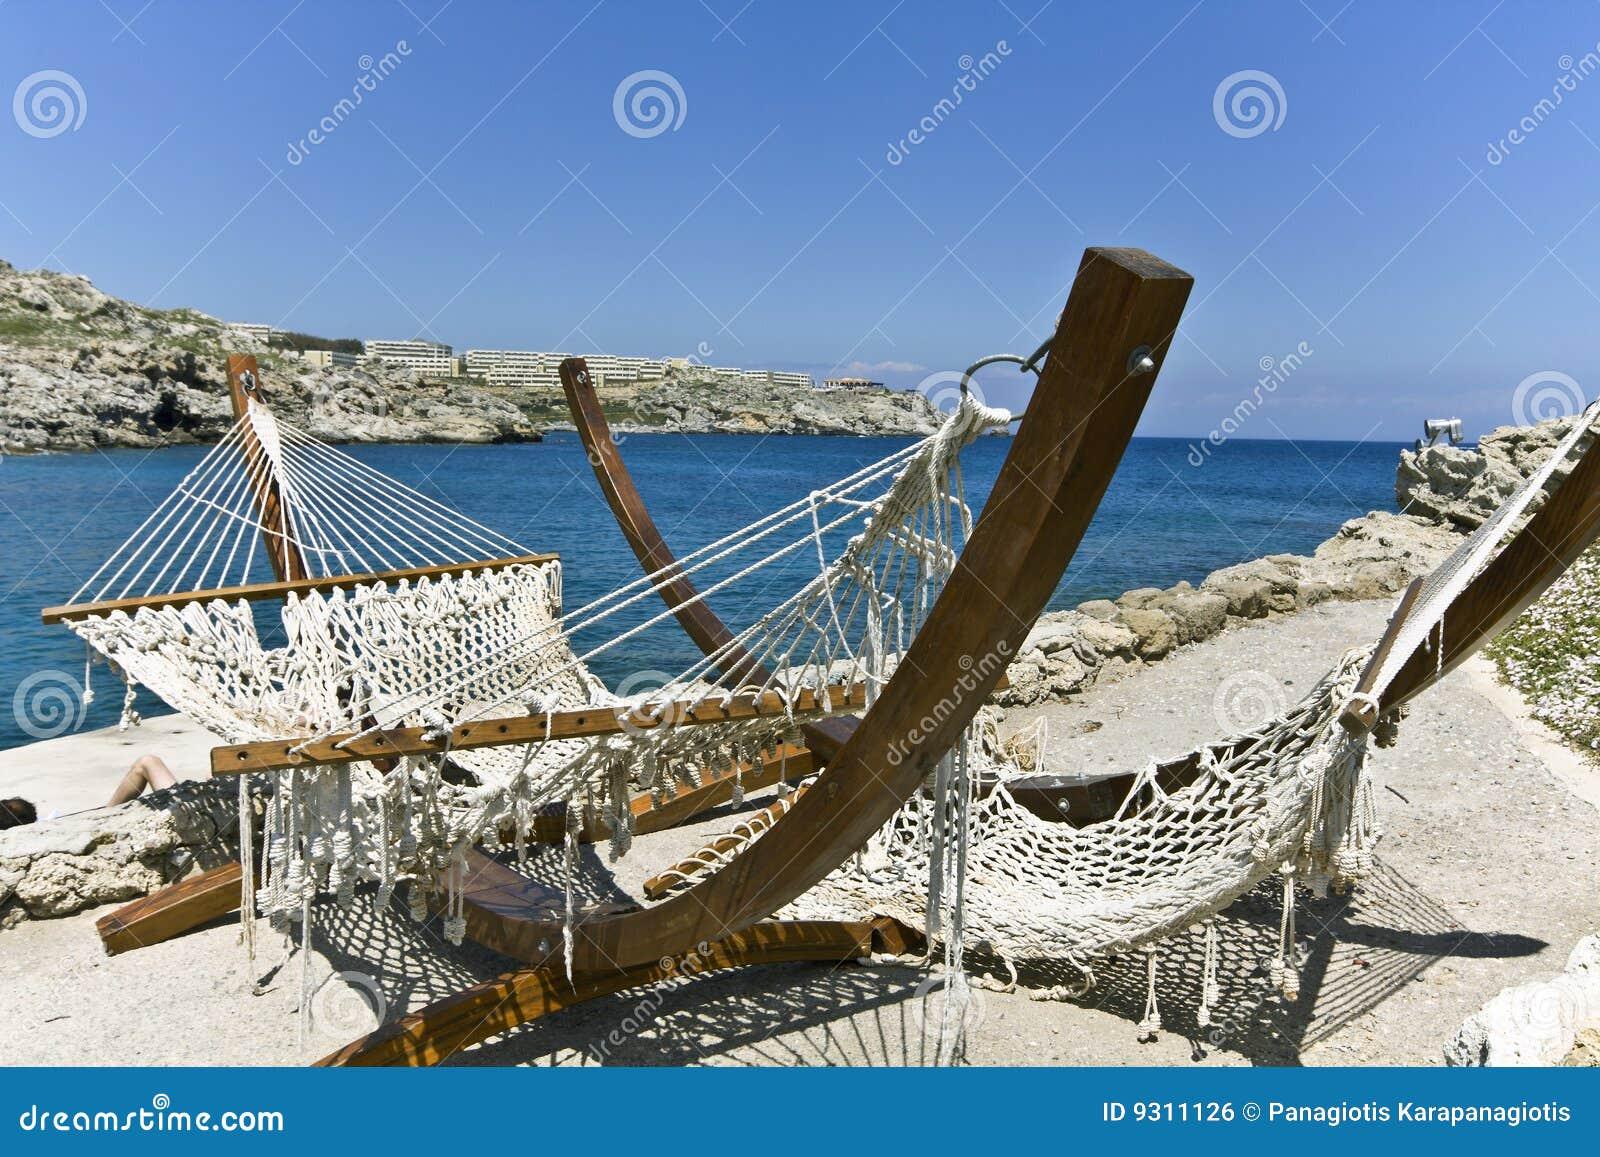 Beach bar at Rhodes island, Greece